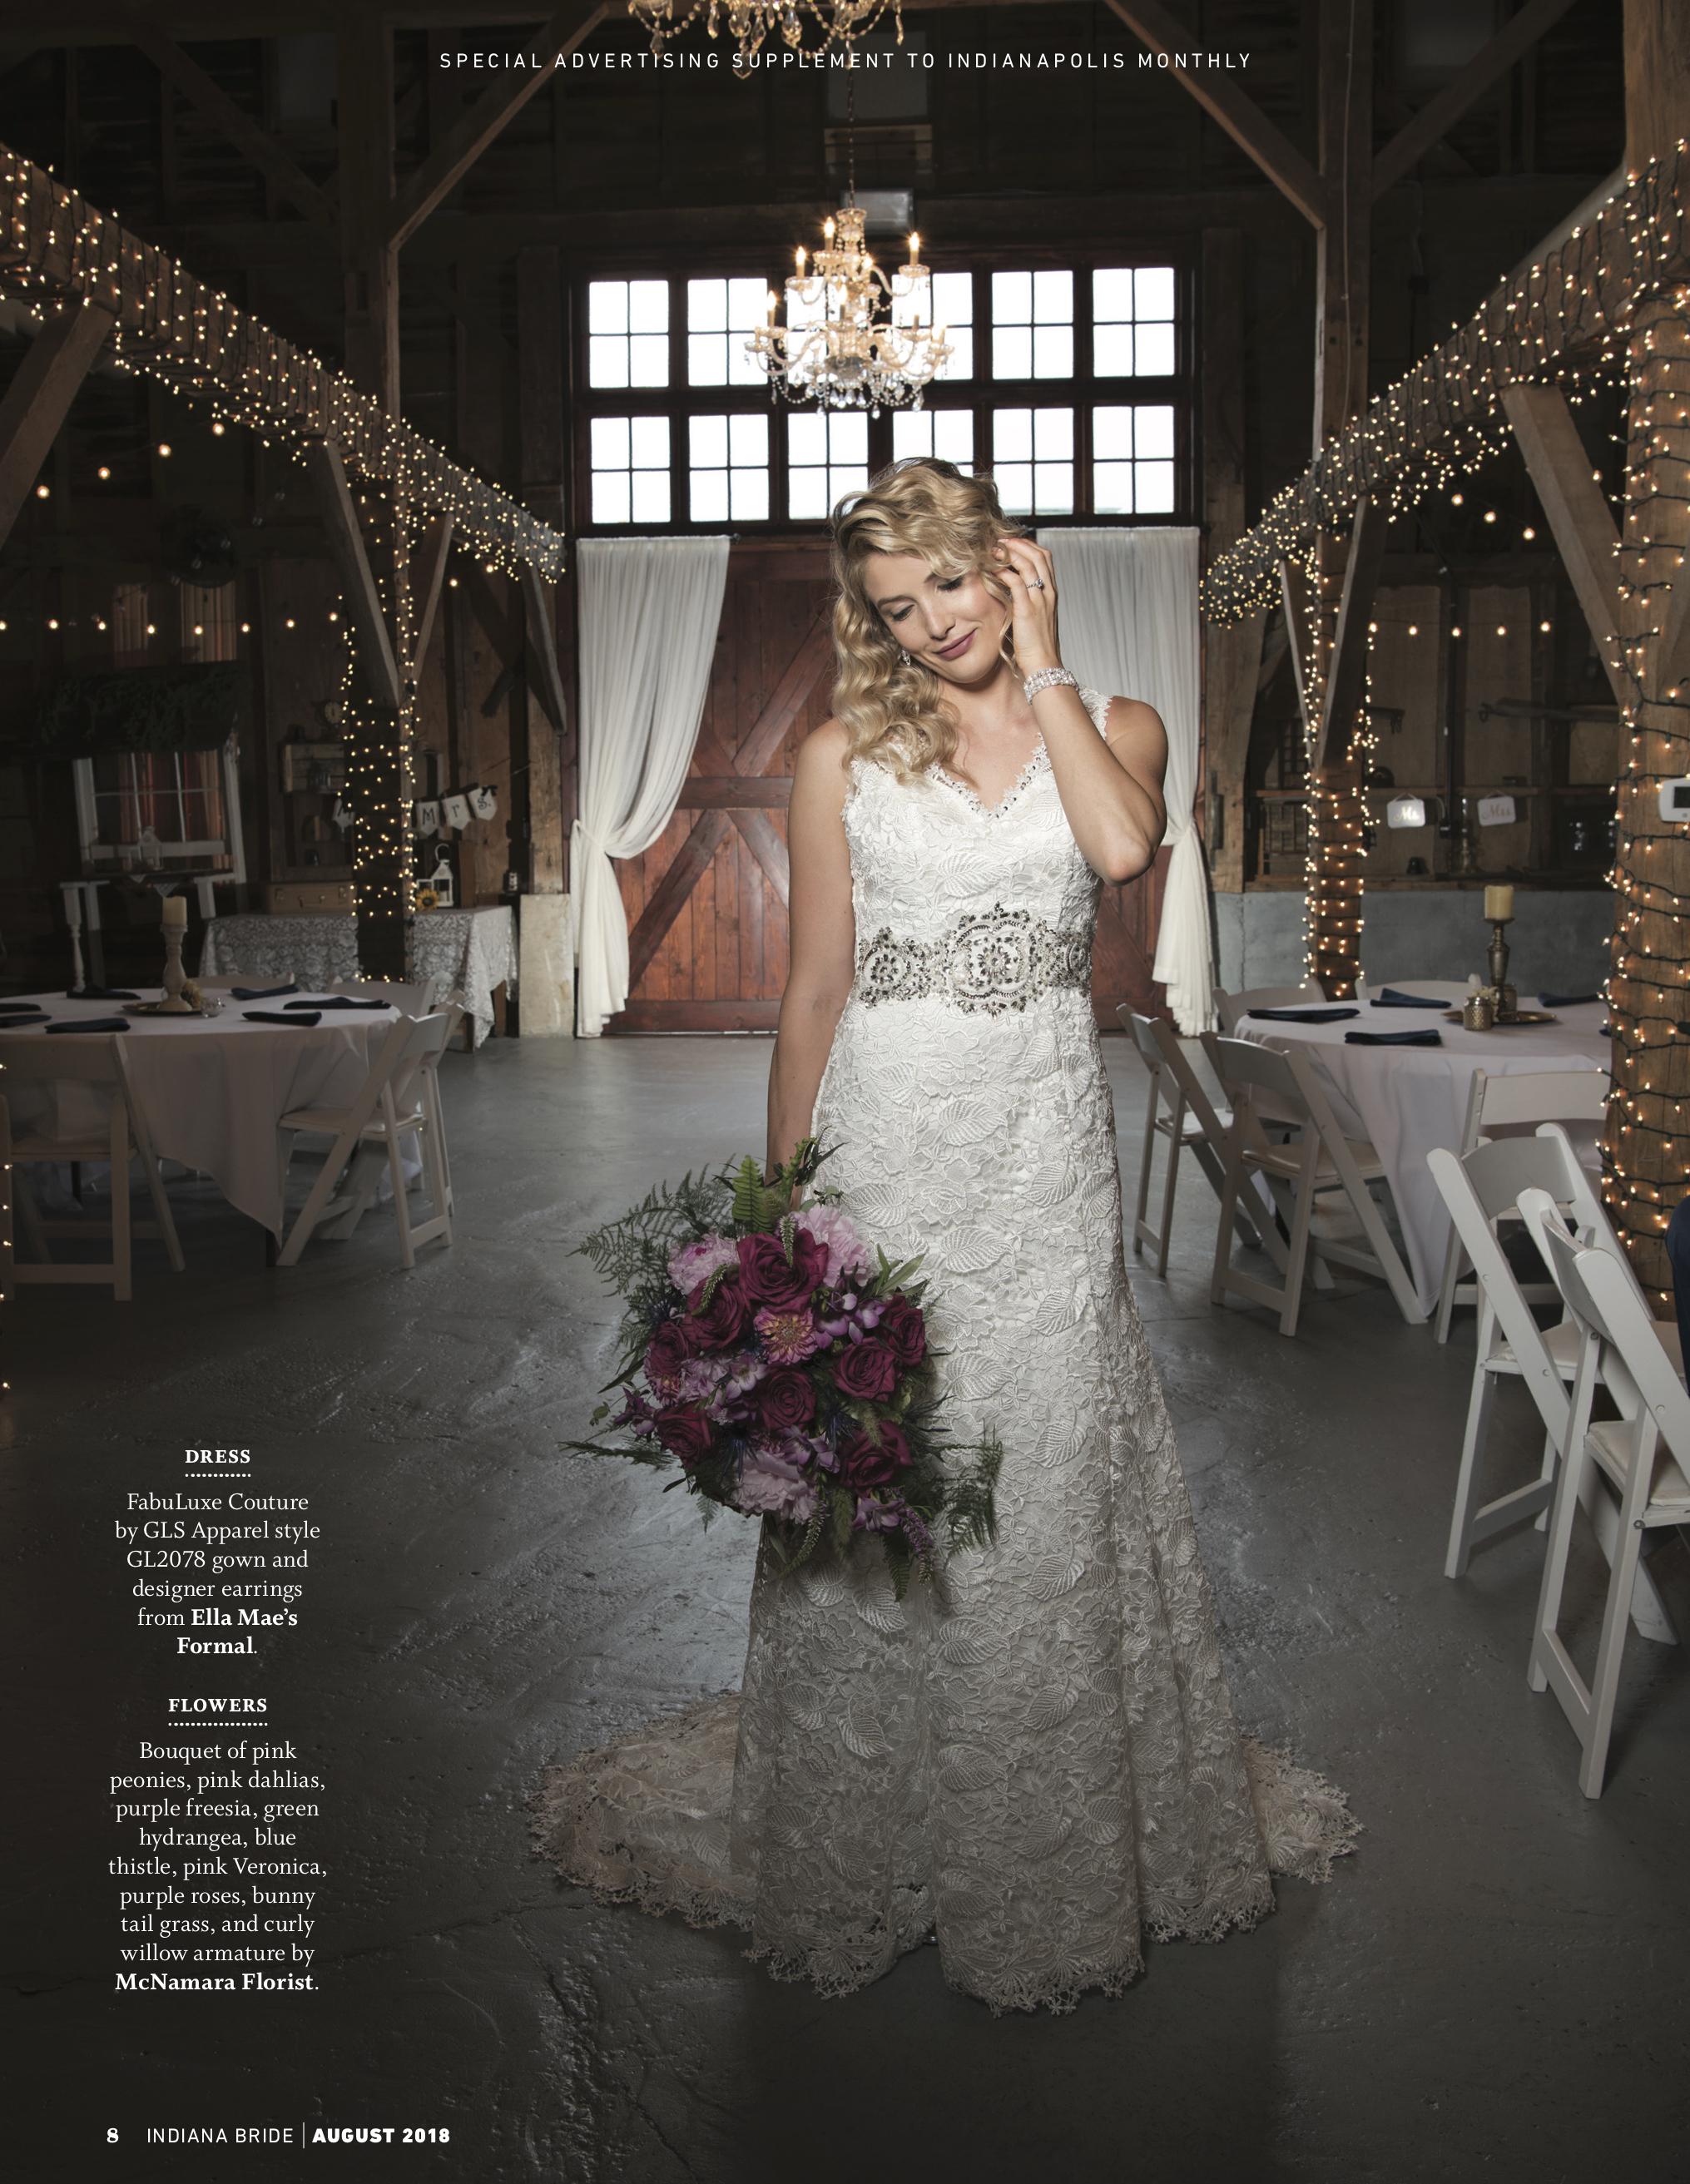 BRIDE_gowns_0818_1.jpg